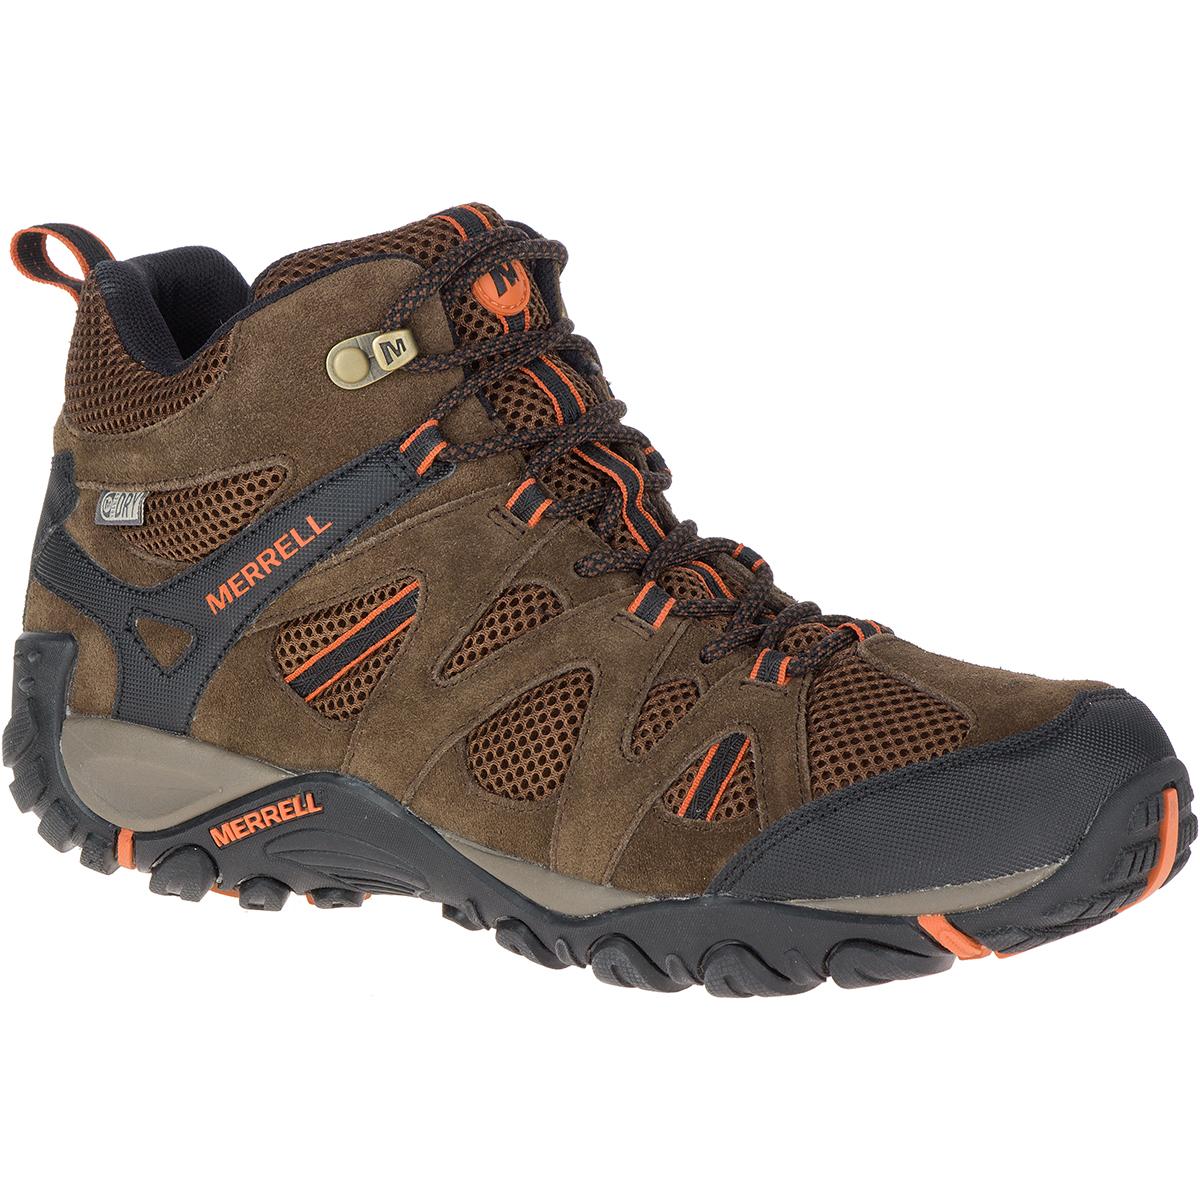 Merrell Men's Deverta Mid Waterproof Hiking Boots - Brown, 9.5